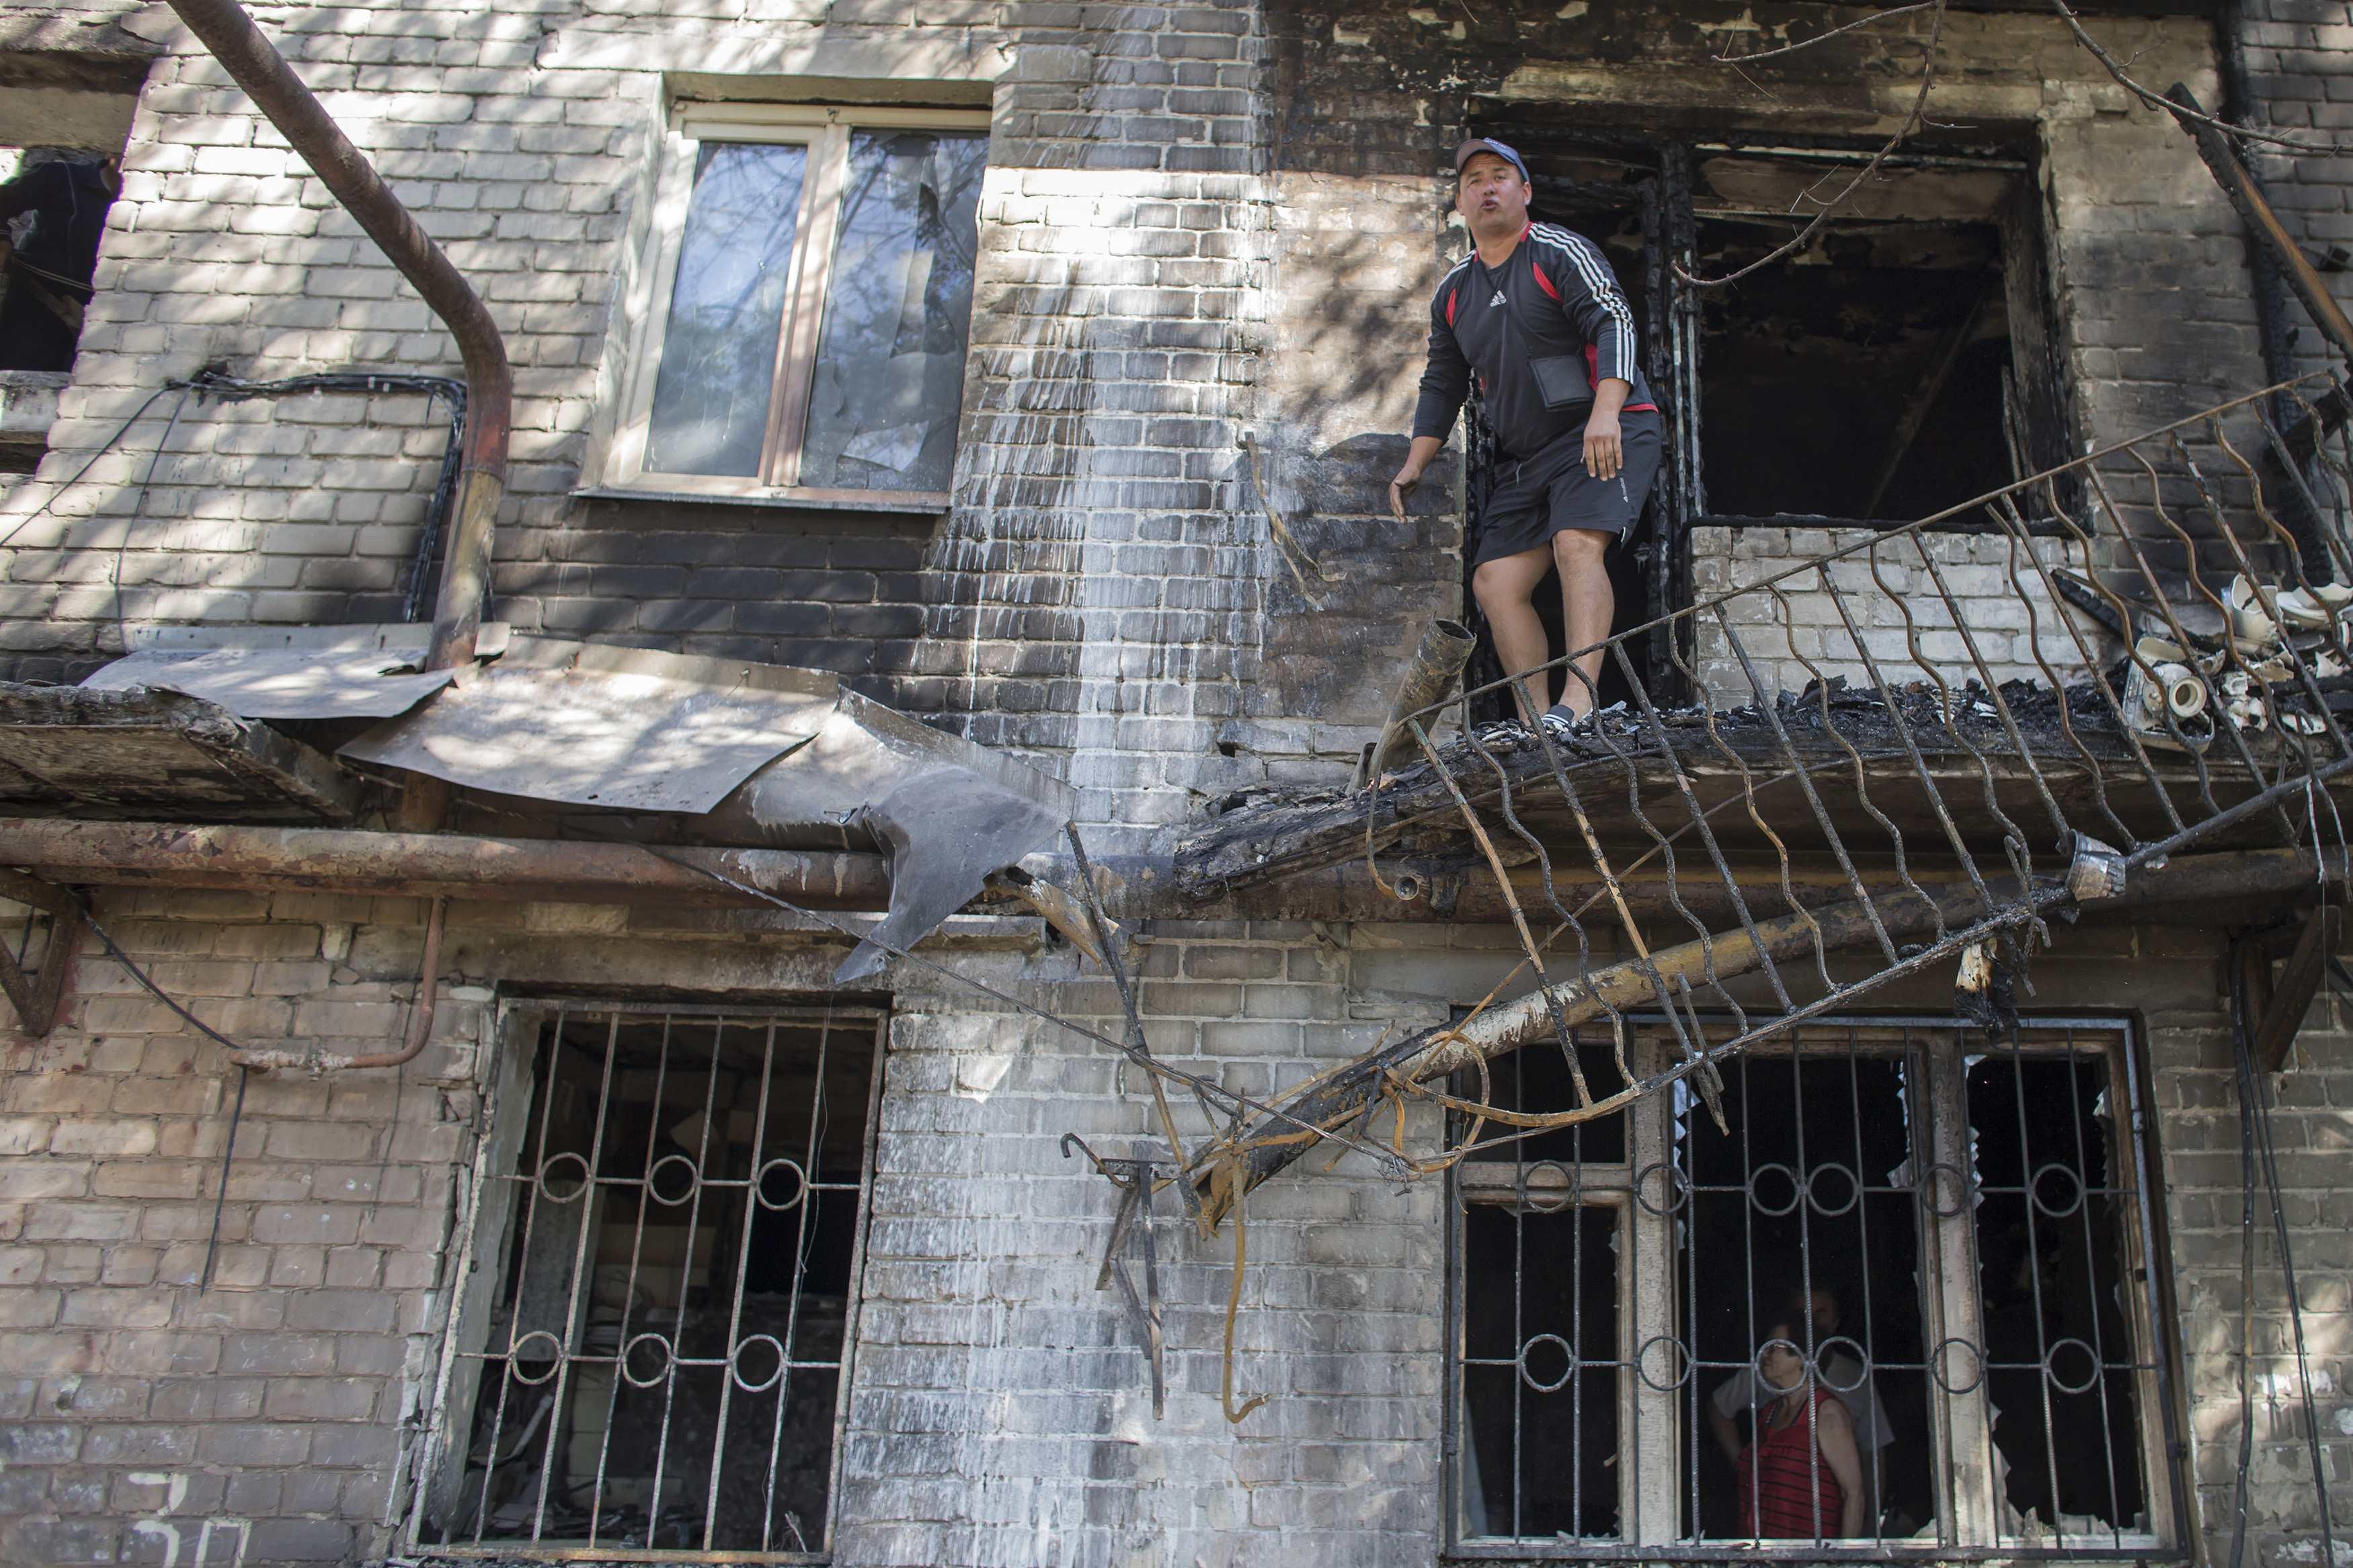 Результаты обстрелов в Донецке. Иллюстрация